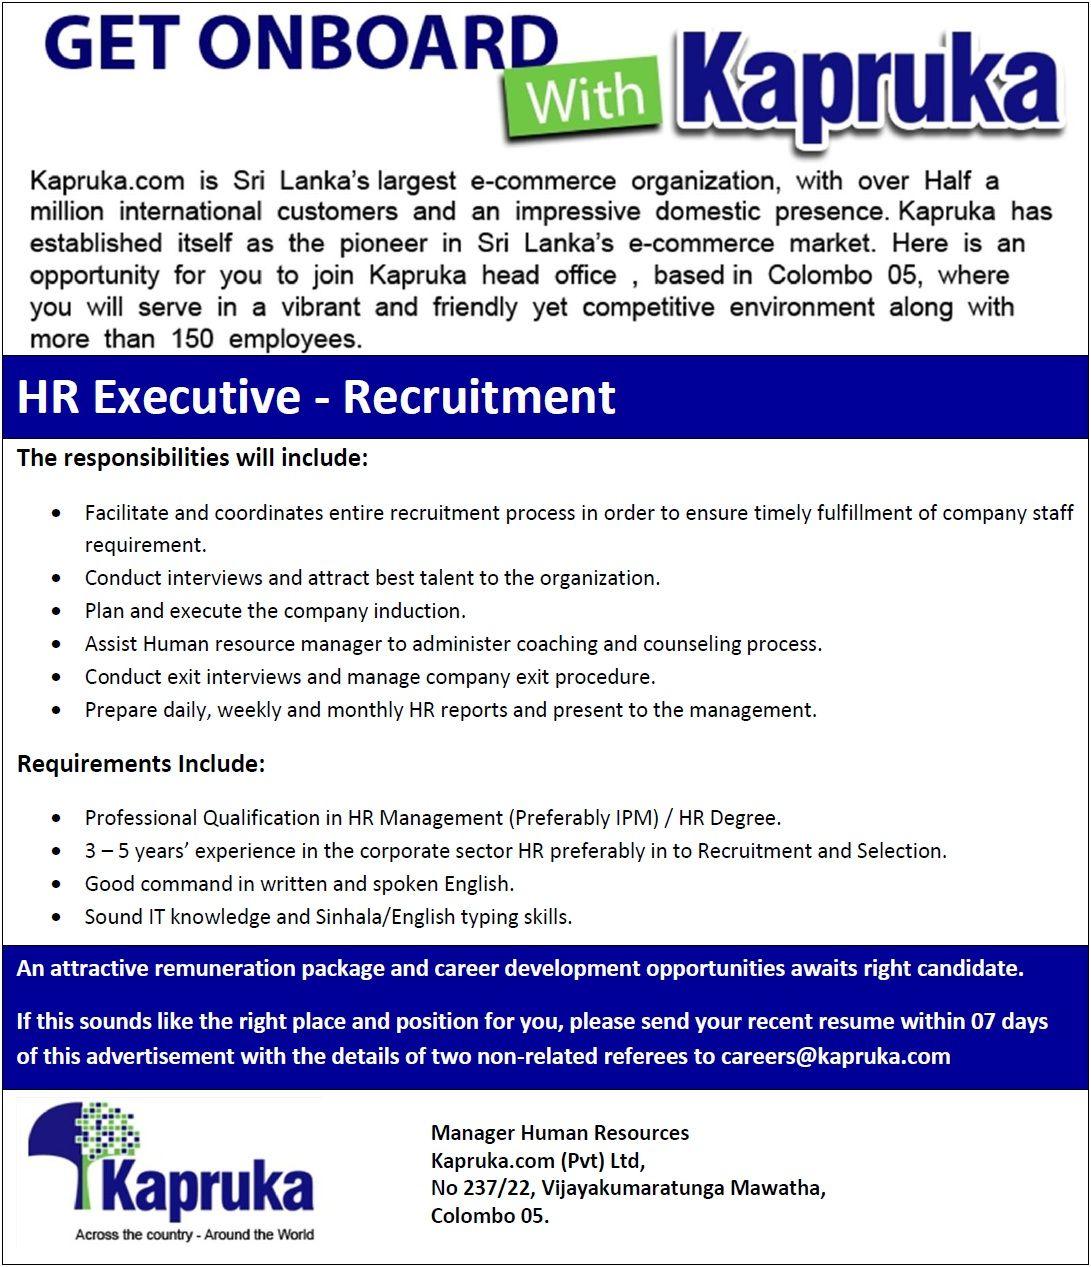 hr generalist resume sample india